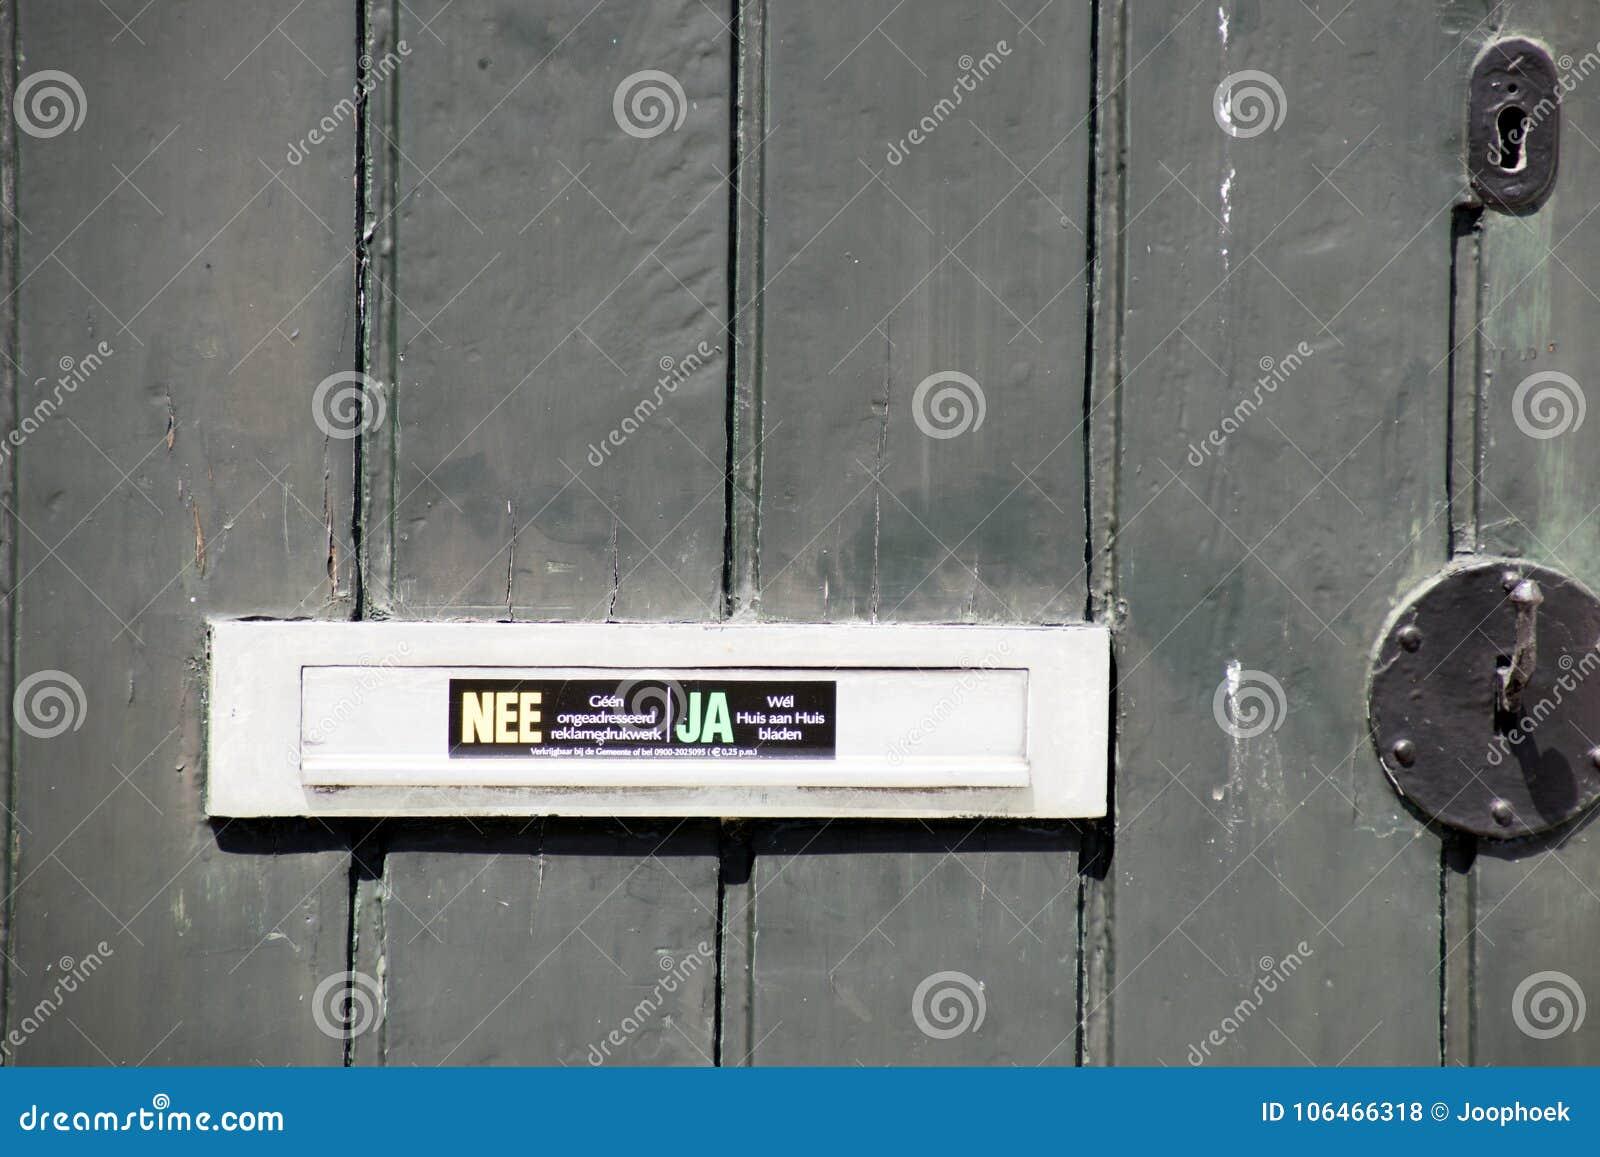 Netherlandsnorth hollandmarken june2016 wooden door with sticker for the mail man